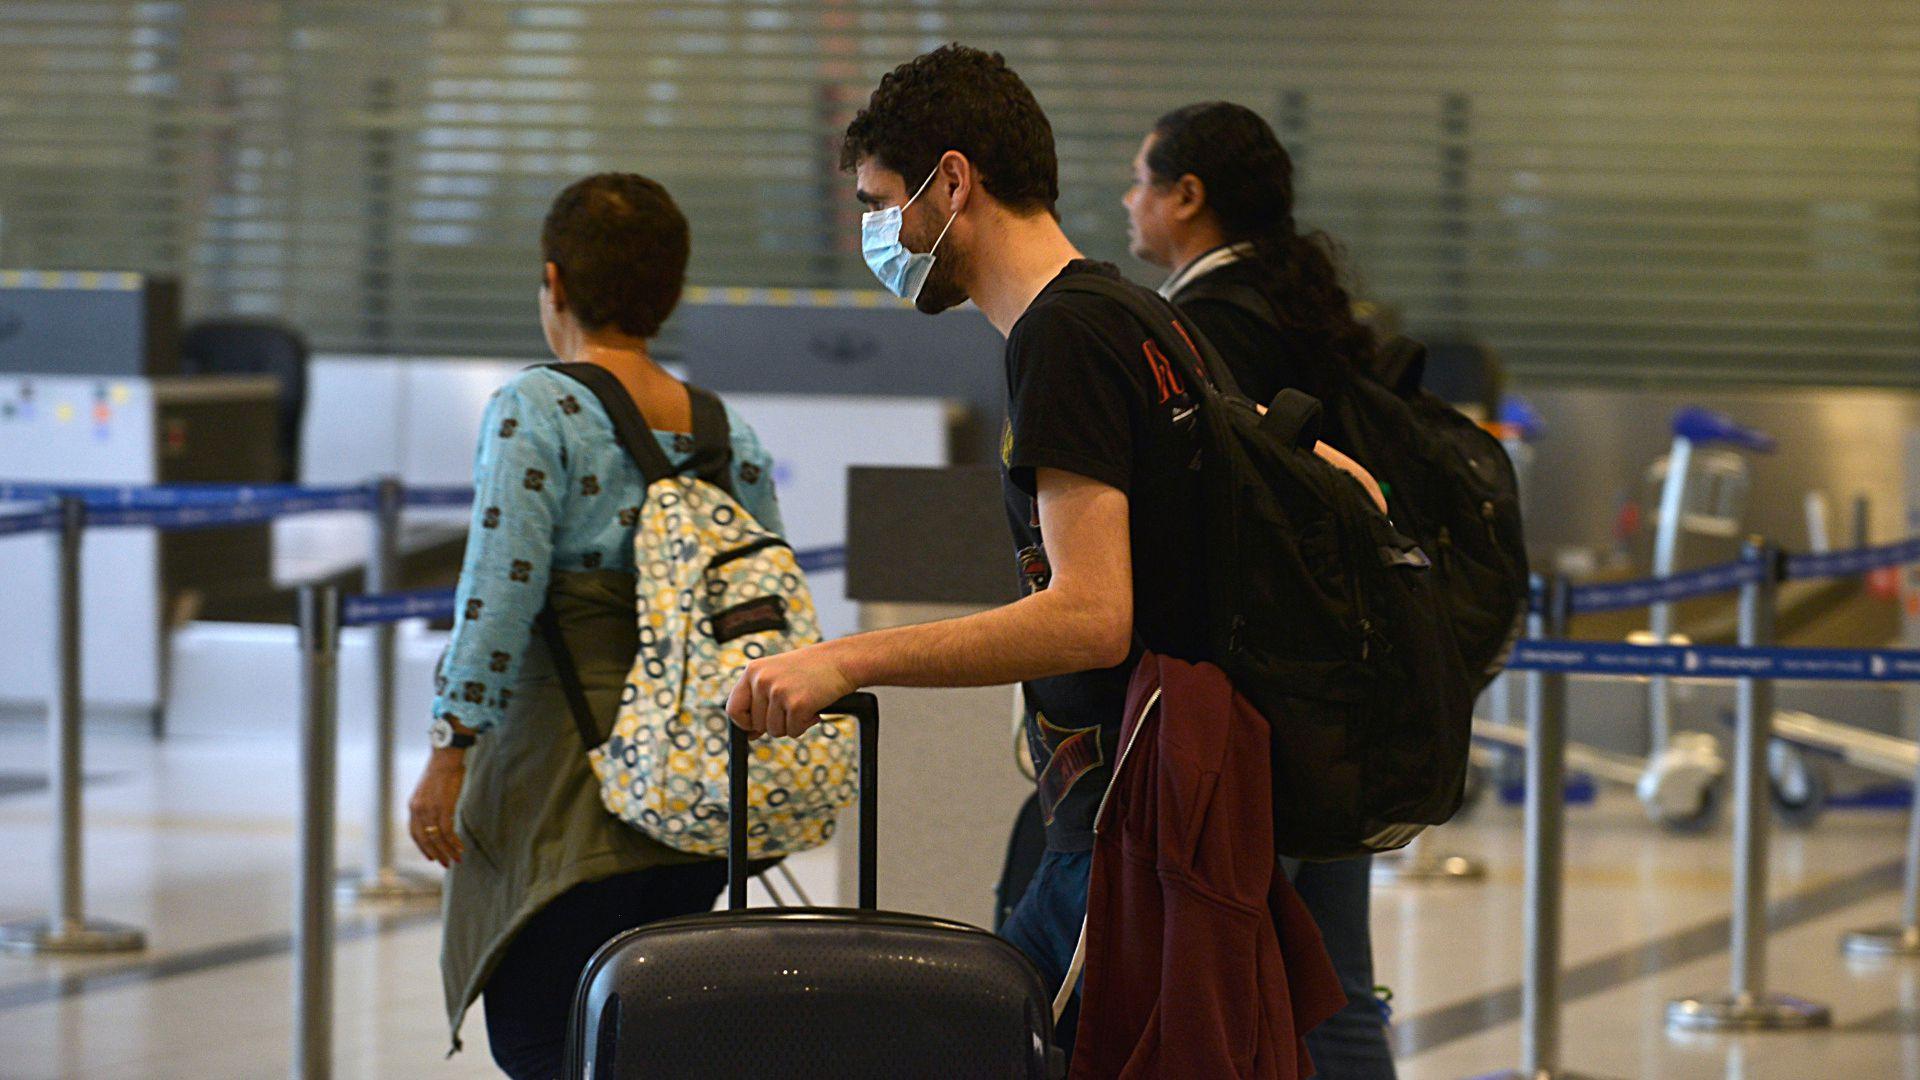 Pasajeros con barbijos en el aeropuerto de Ezeiza (Gustavo Gavotti)